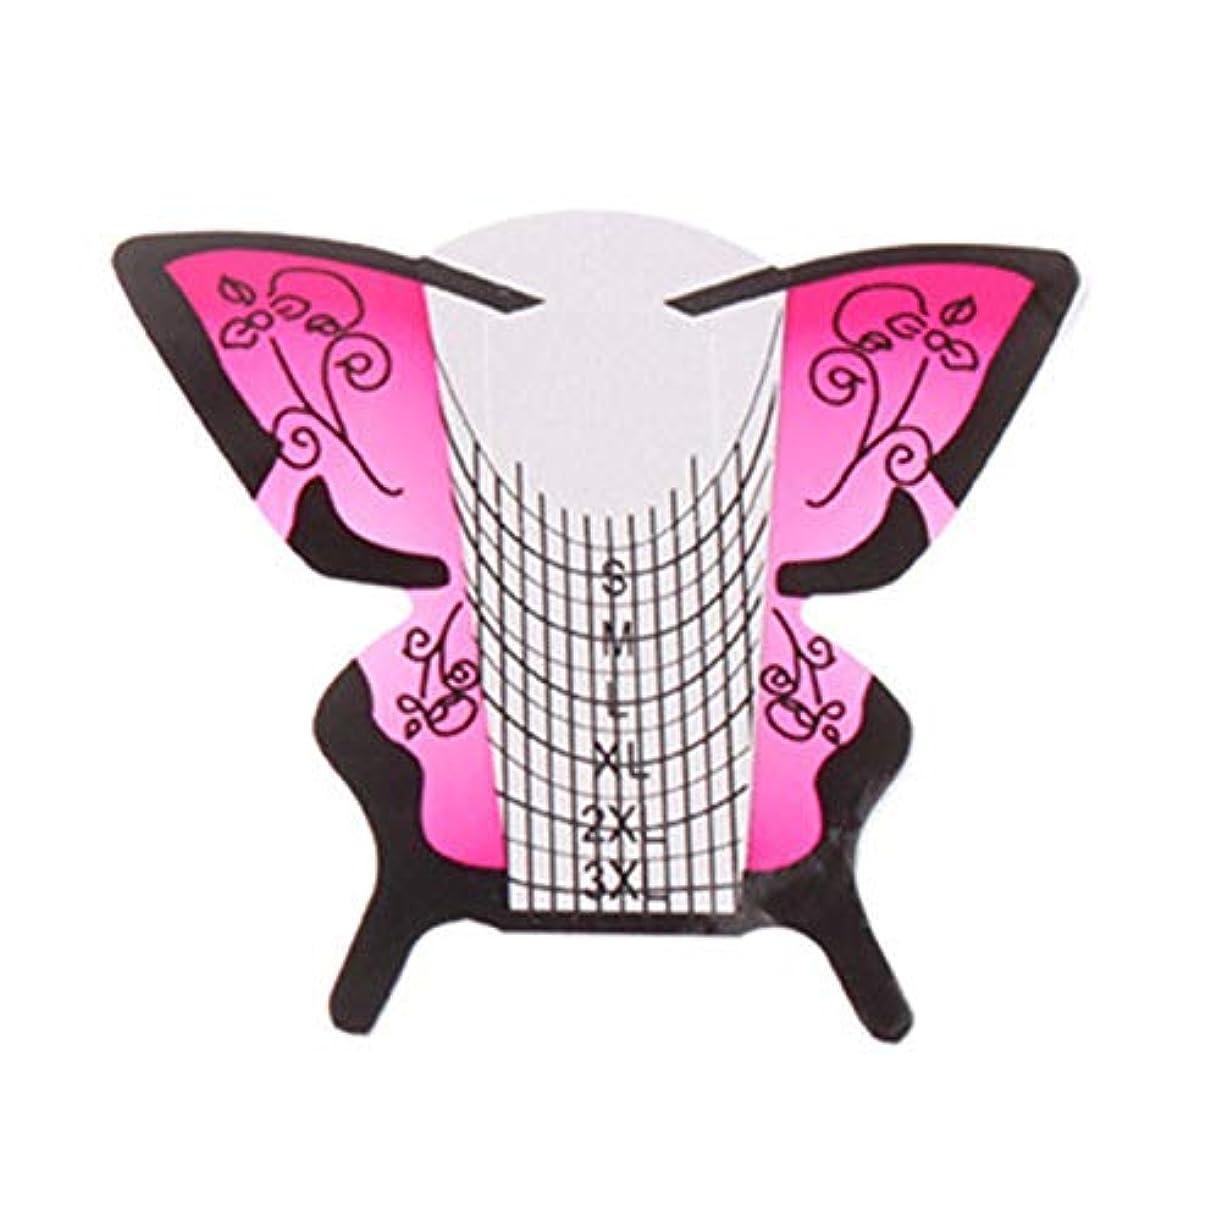 フィードバックホバー折RETYLY 300個/ロール ネイルアートフォーム蝶彫刻のヒントステッカーガイド拡張アクリルUVジェルツール 給紙トレイB